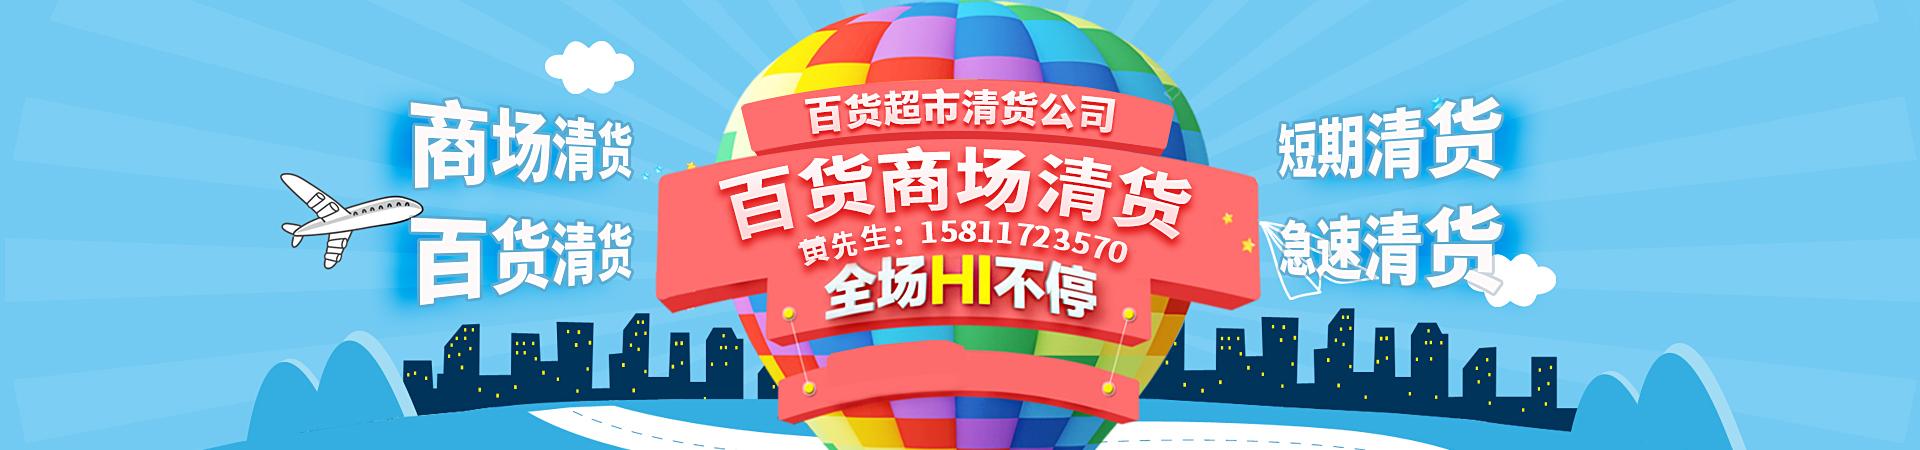 清货公司 广州哪里有清货公司 广州清货电话 深圳市清货